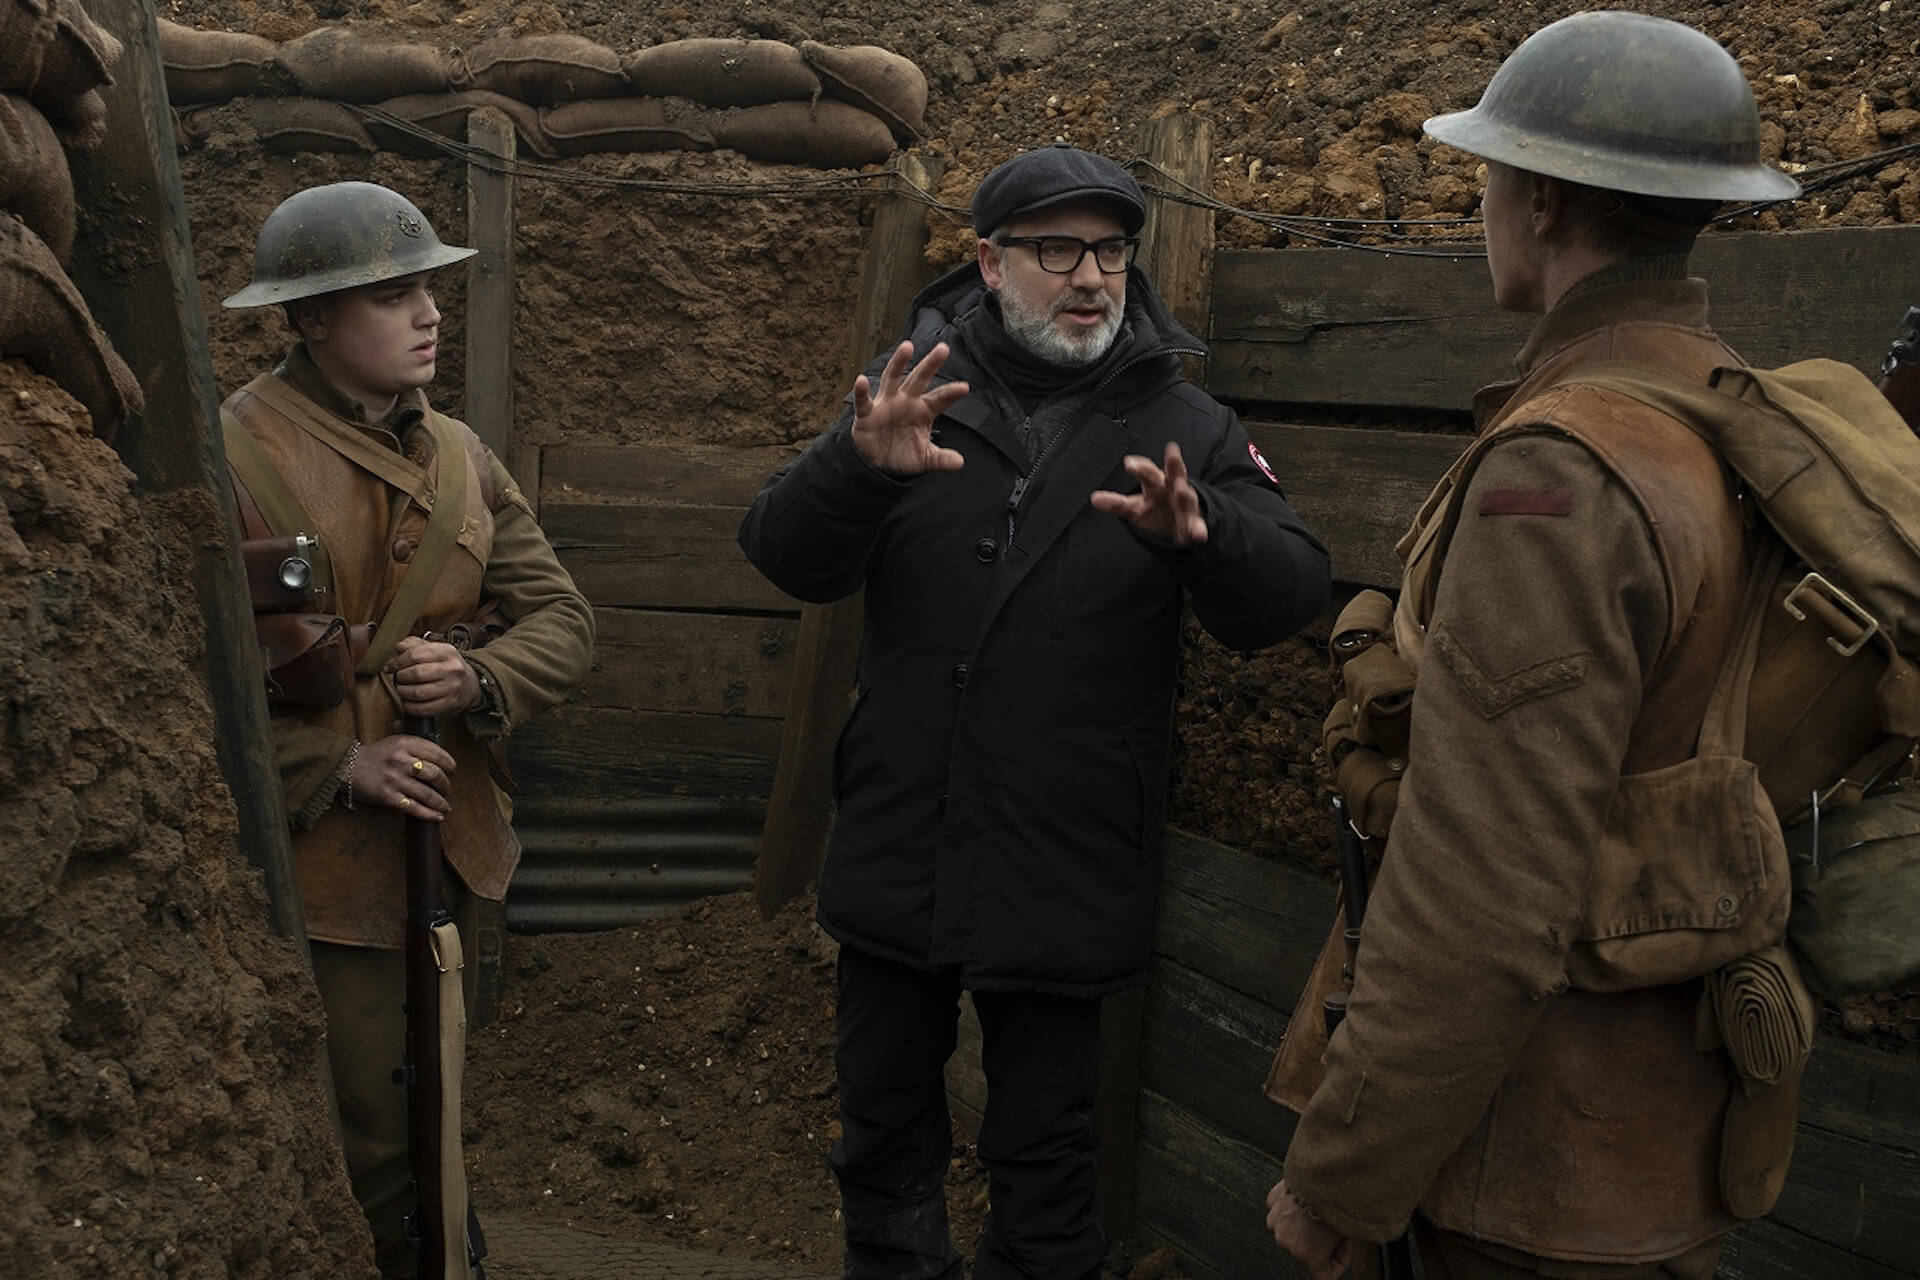 『1917 命をかけた伝令』でアカデミー賞を受賞したロジャー・ディーキンスと監督サム・メンデスが語るワンカット撮影のこだわりとは? film200220_1917maiking_01